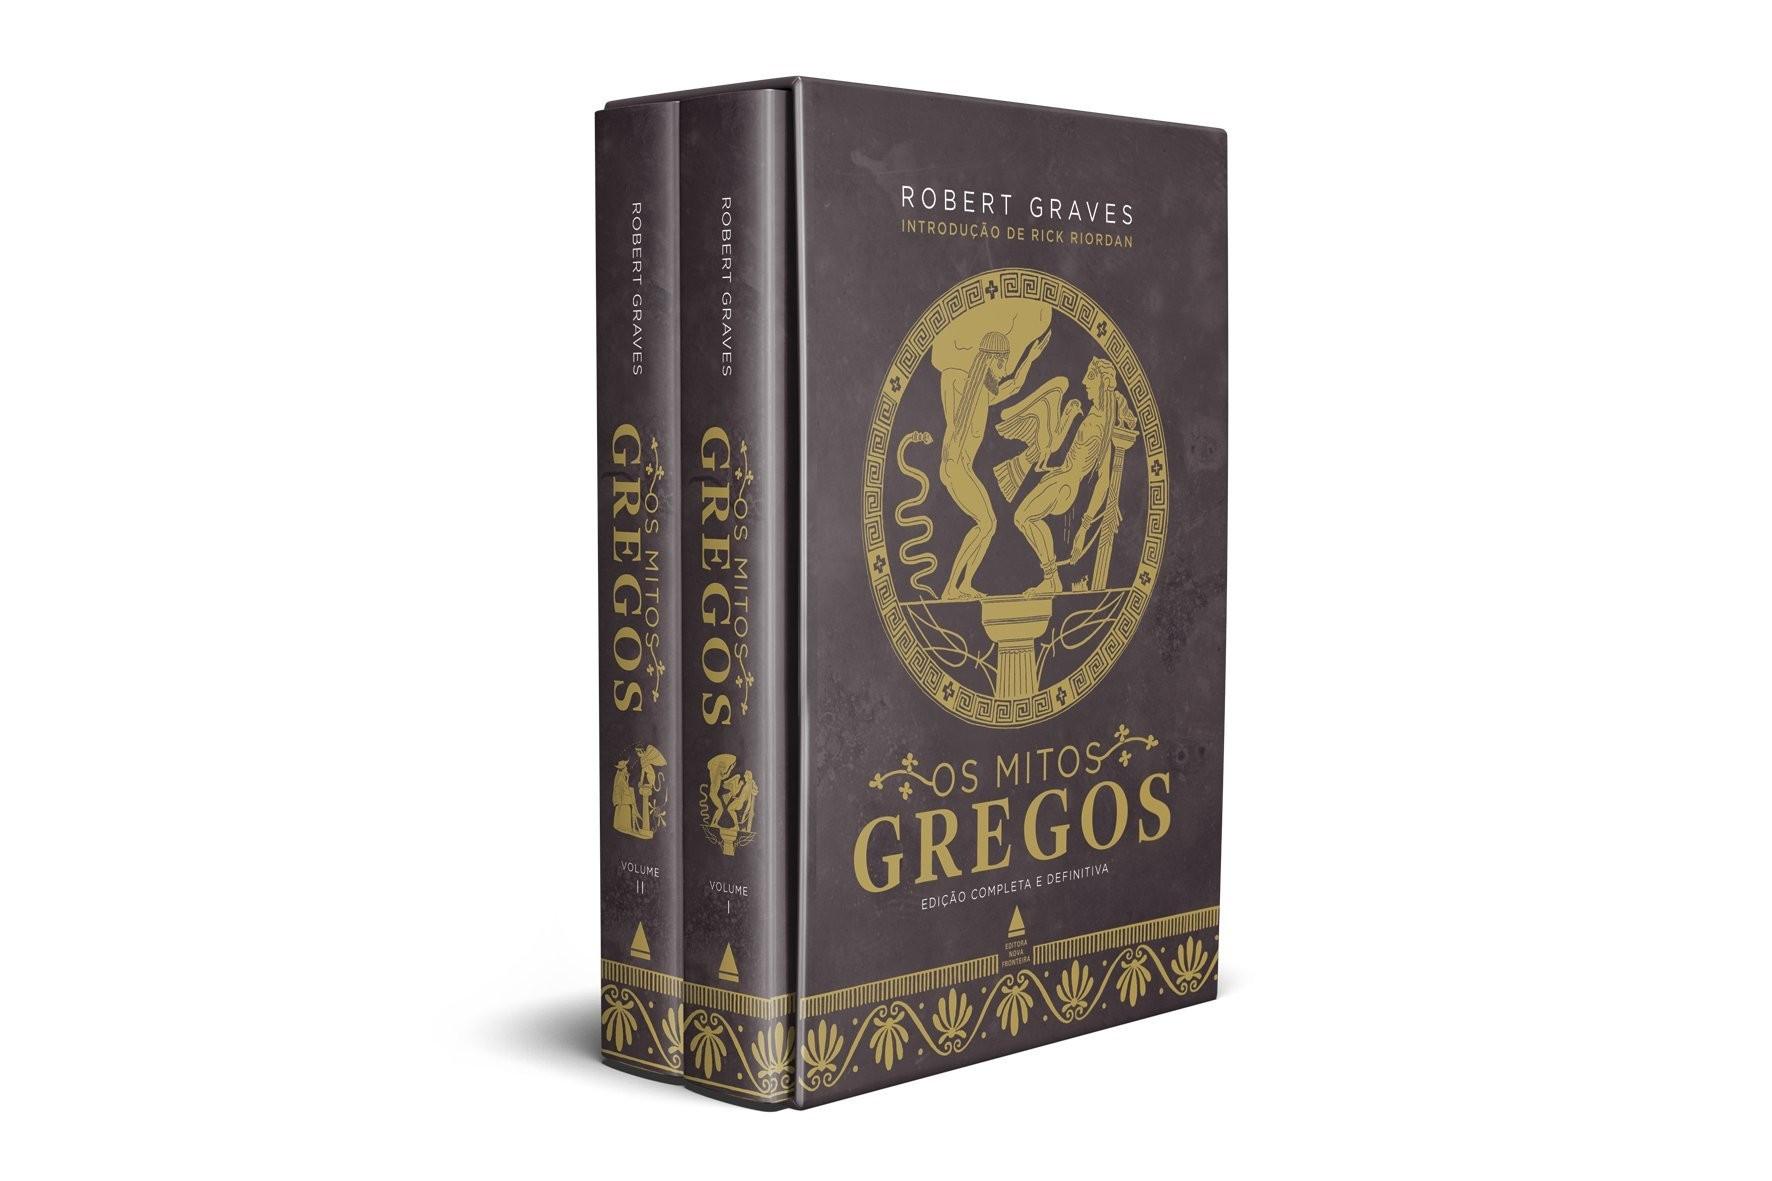 Os Mitos Gregos: obras de Robert Graves abordam histórias da mitologia grega (Foto: Divulgação)